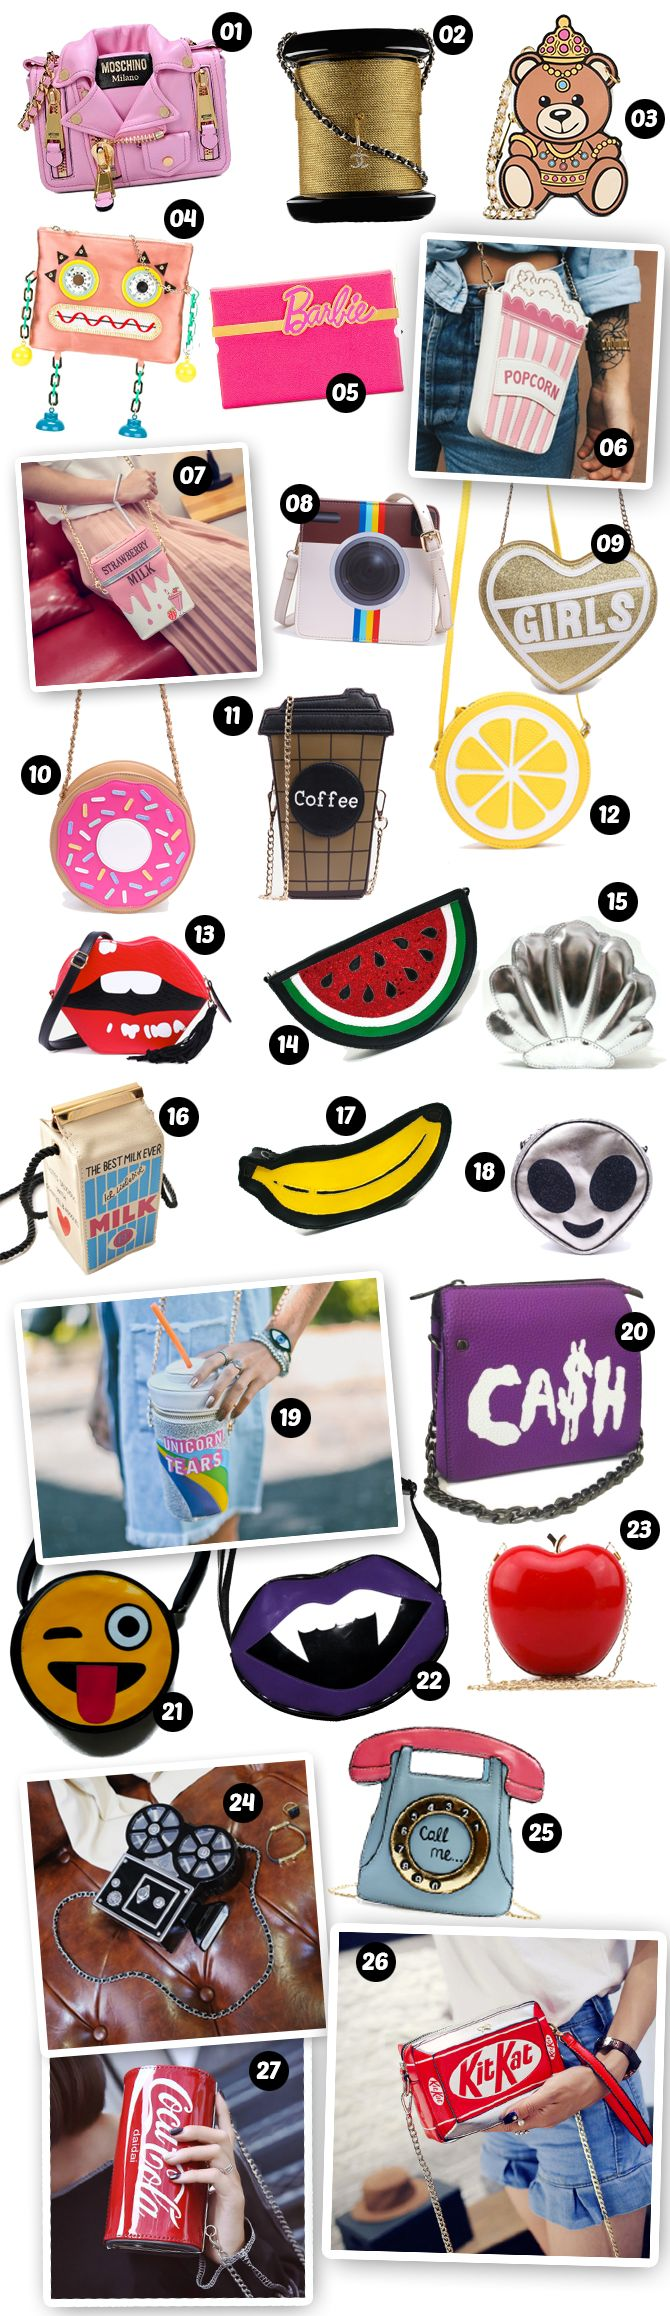 Bolsas coloridas e muito divertidas para usar e abusar nos looks desse verão!